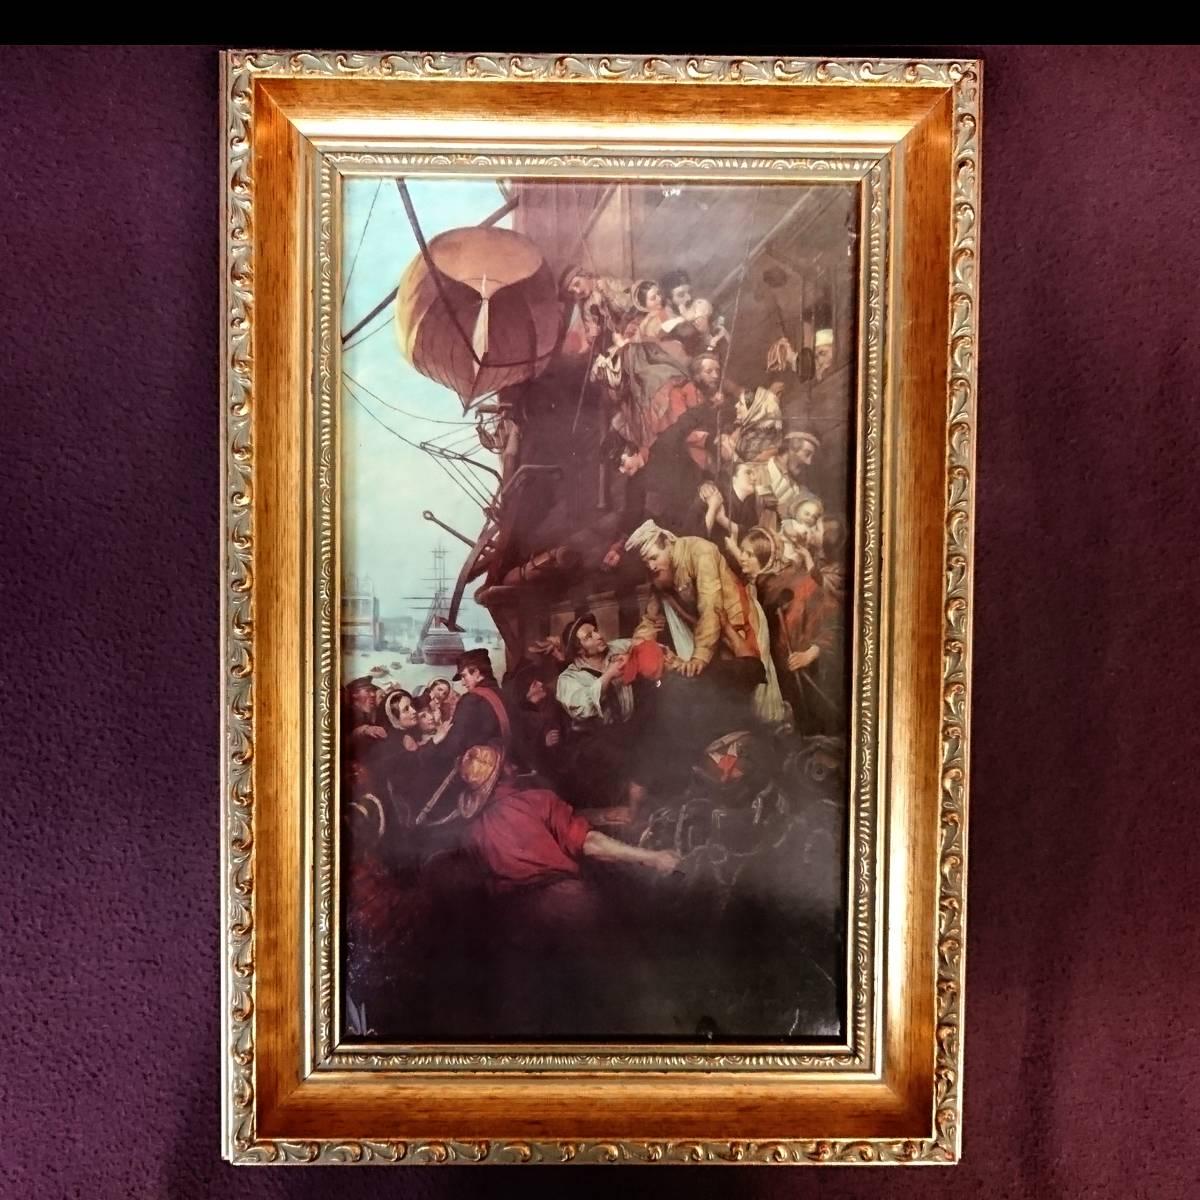 美麗 華麗 ロイヤルヴィエナ 額装 陶版画 大パネル 40㎝ 船港湾 美麗 額装 大型船出航図